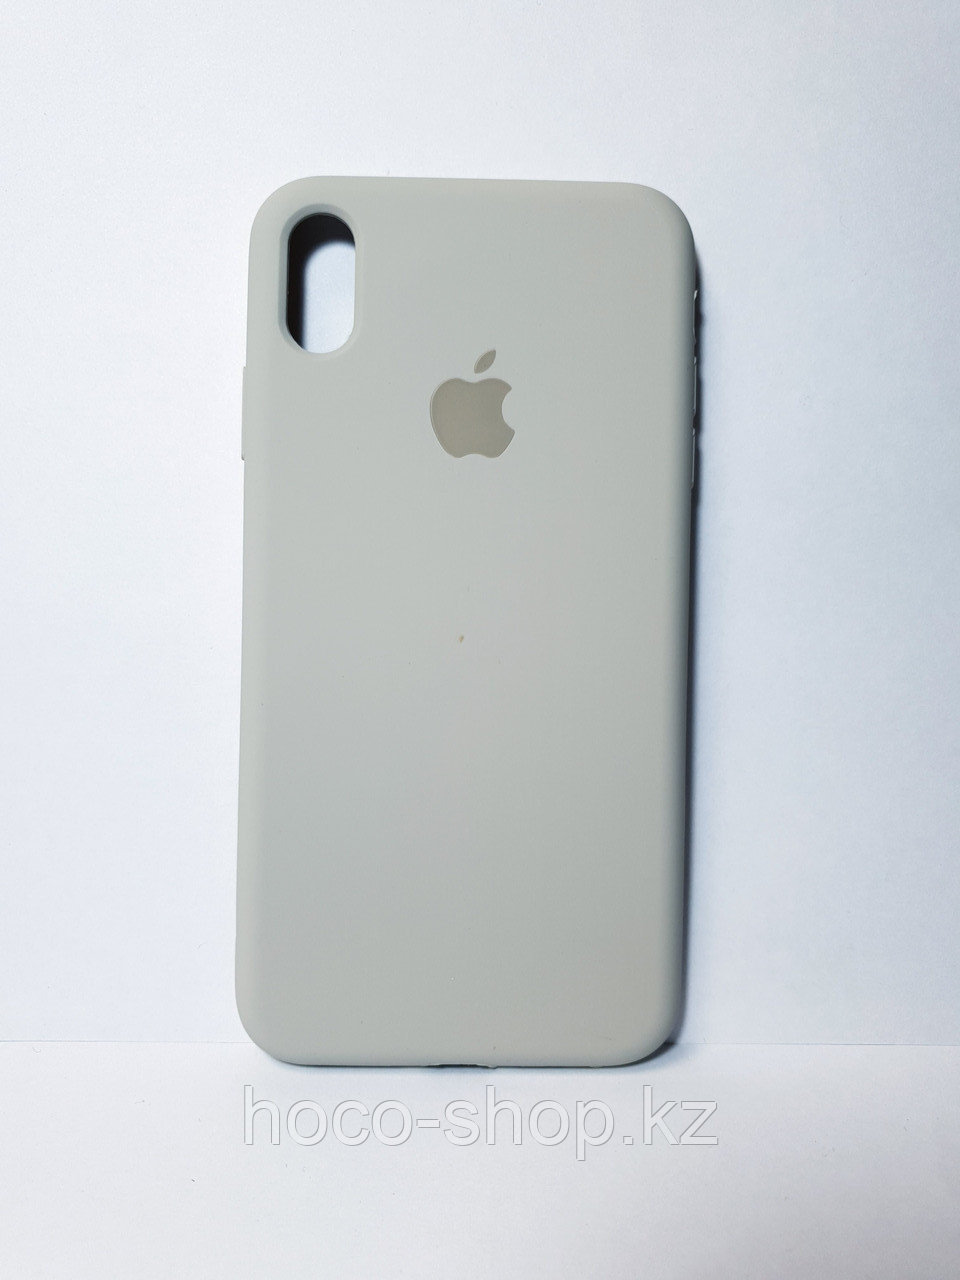 Защитный чехол для iPhone Xs Max Soft Touch силиконовый, серый